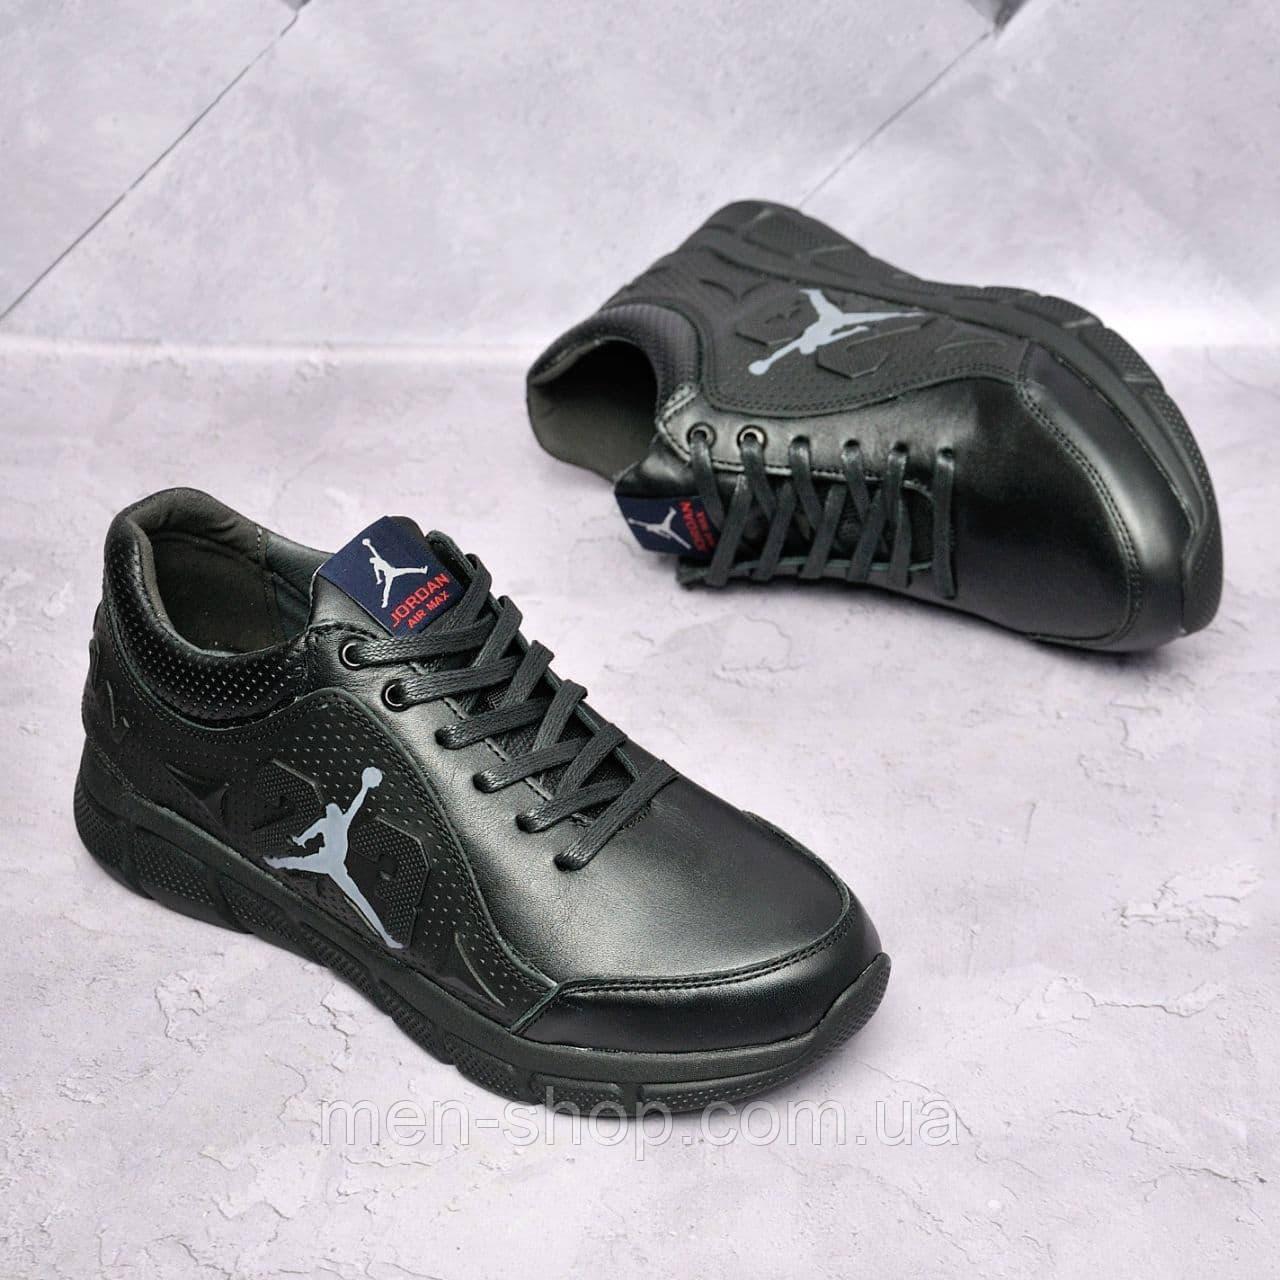 Чоловічі шкіряні кросівки Jordan Чорні